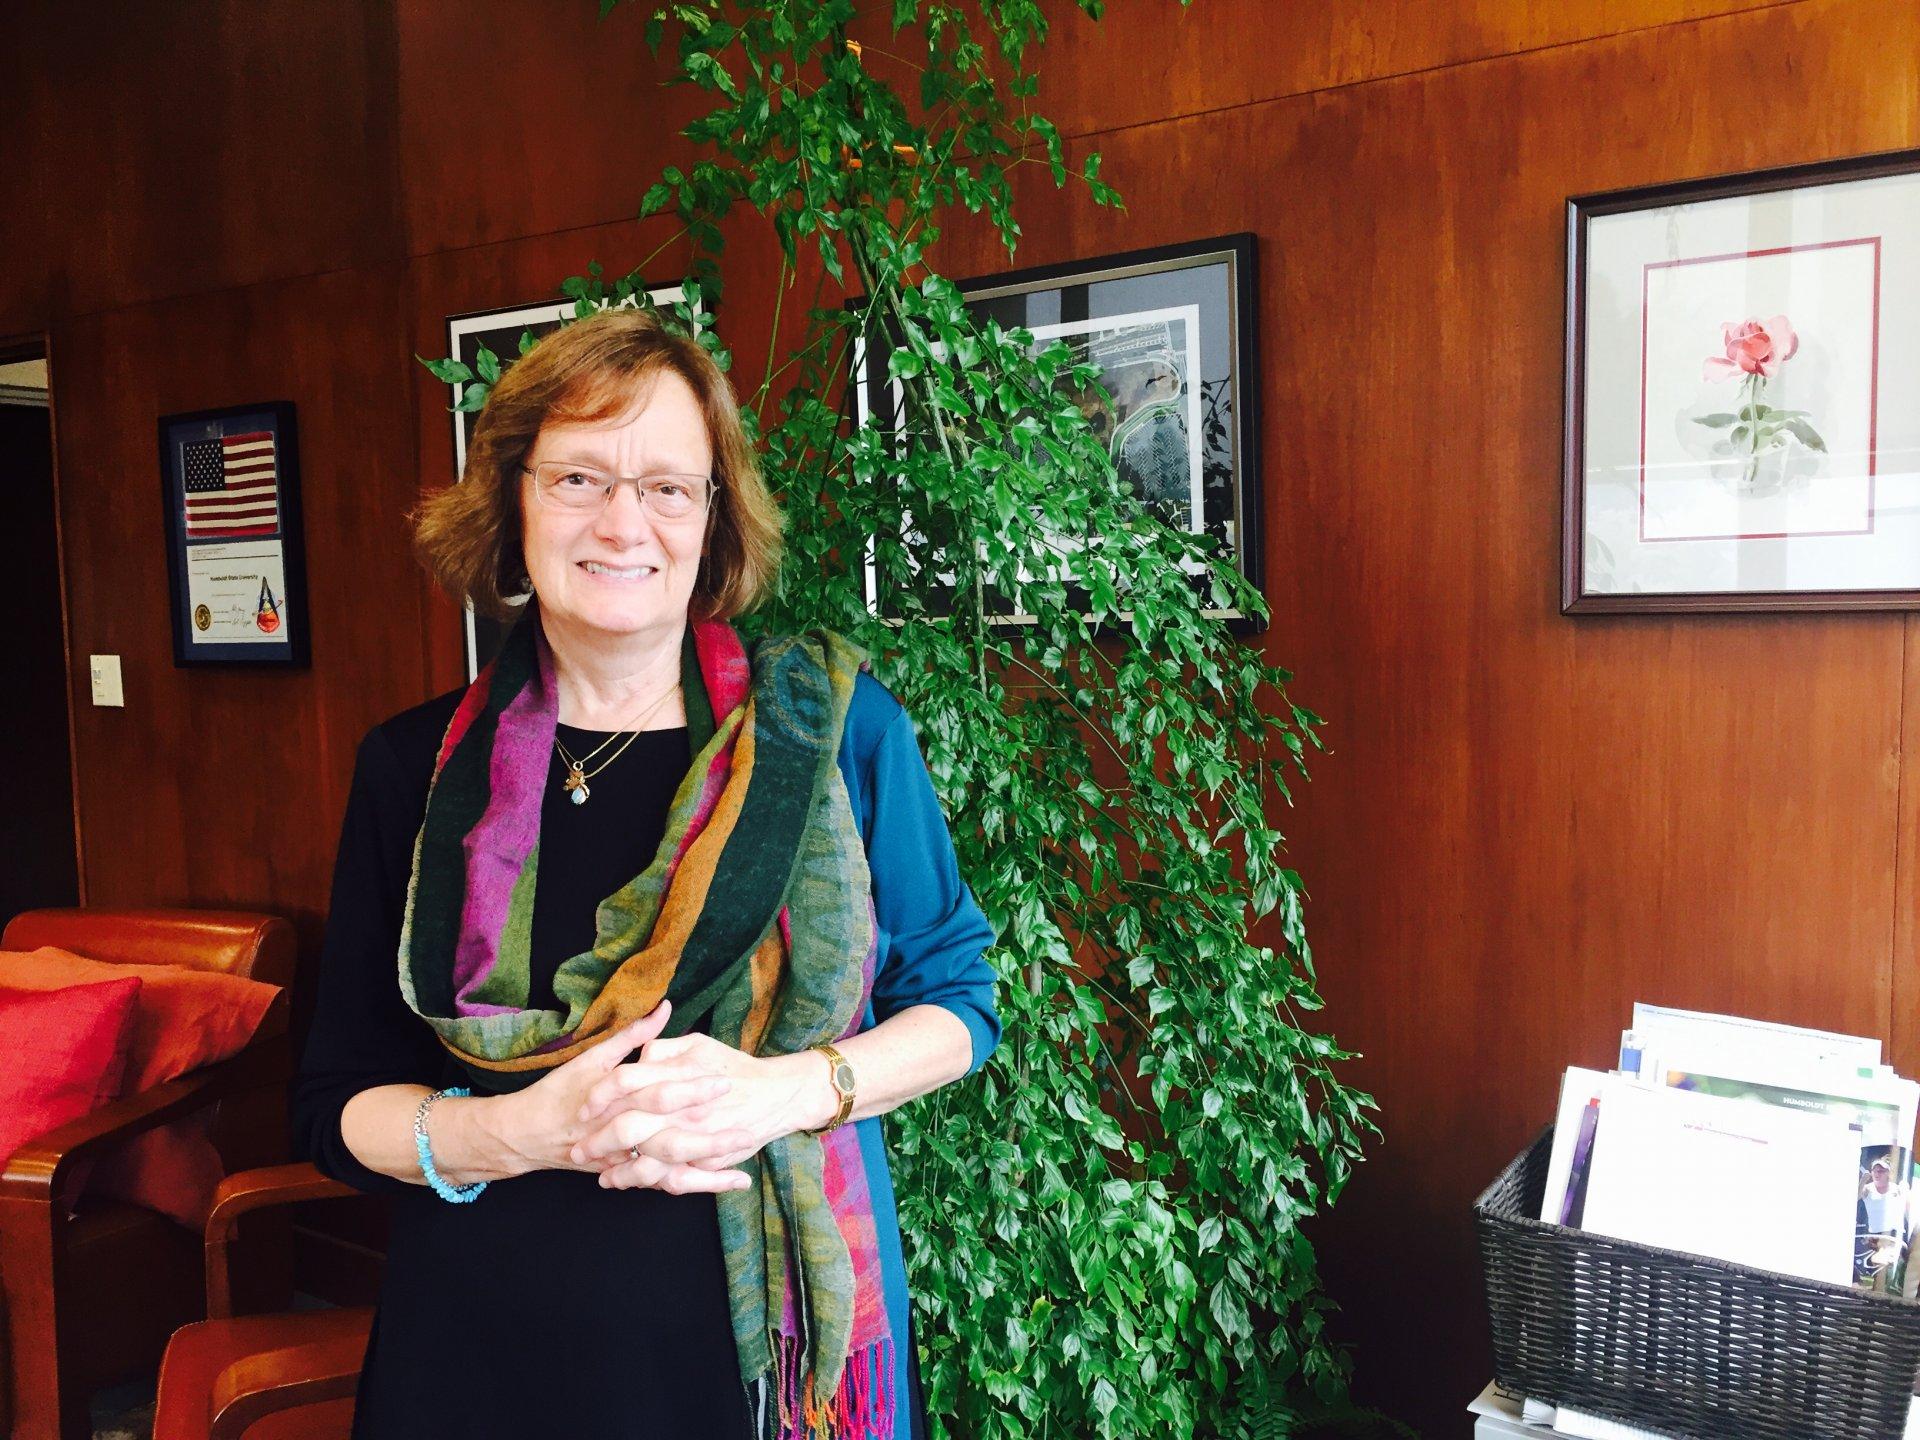 President Lisa Rossbacher